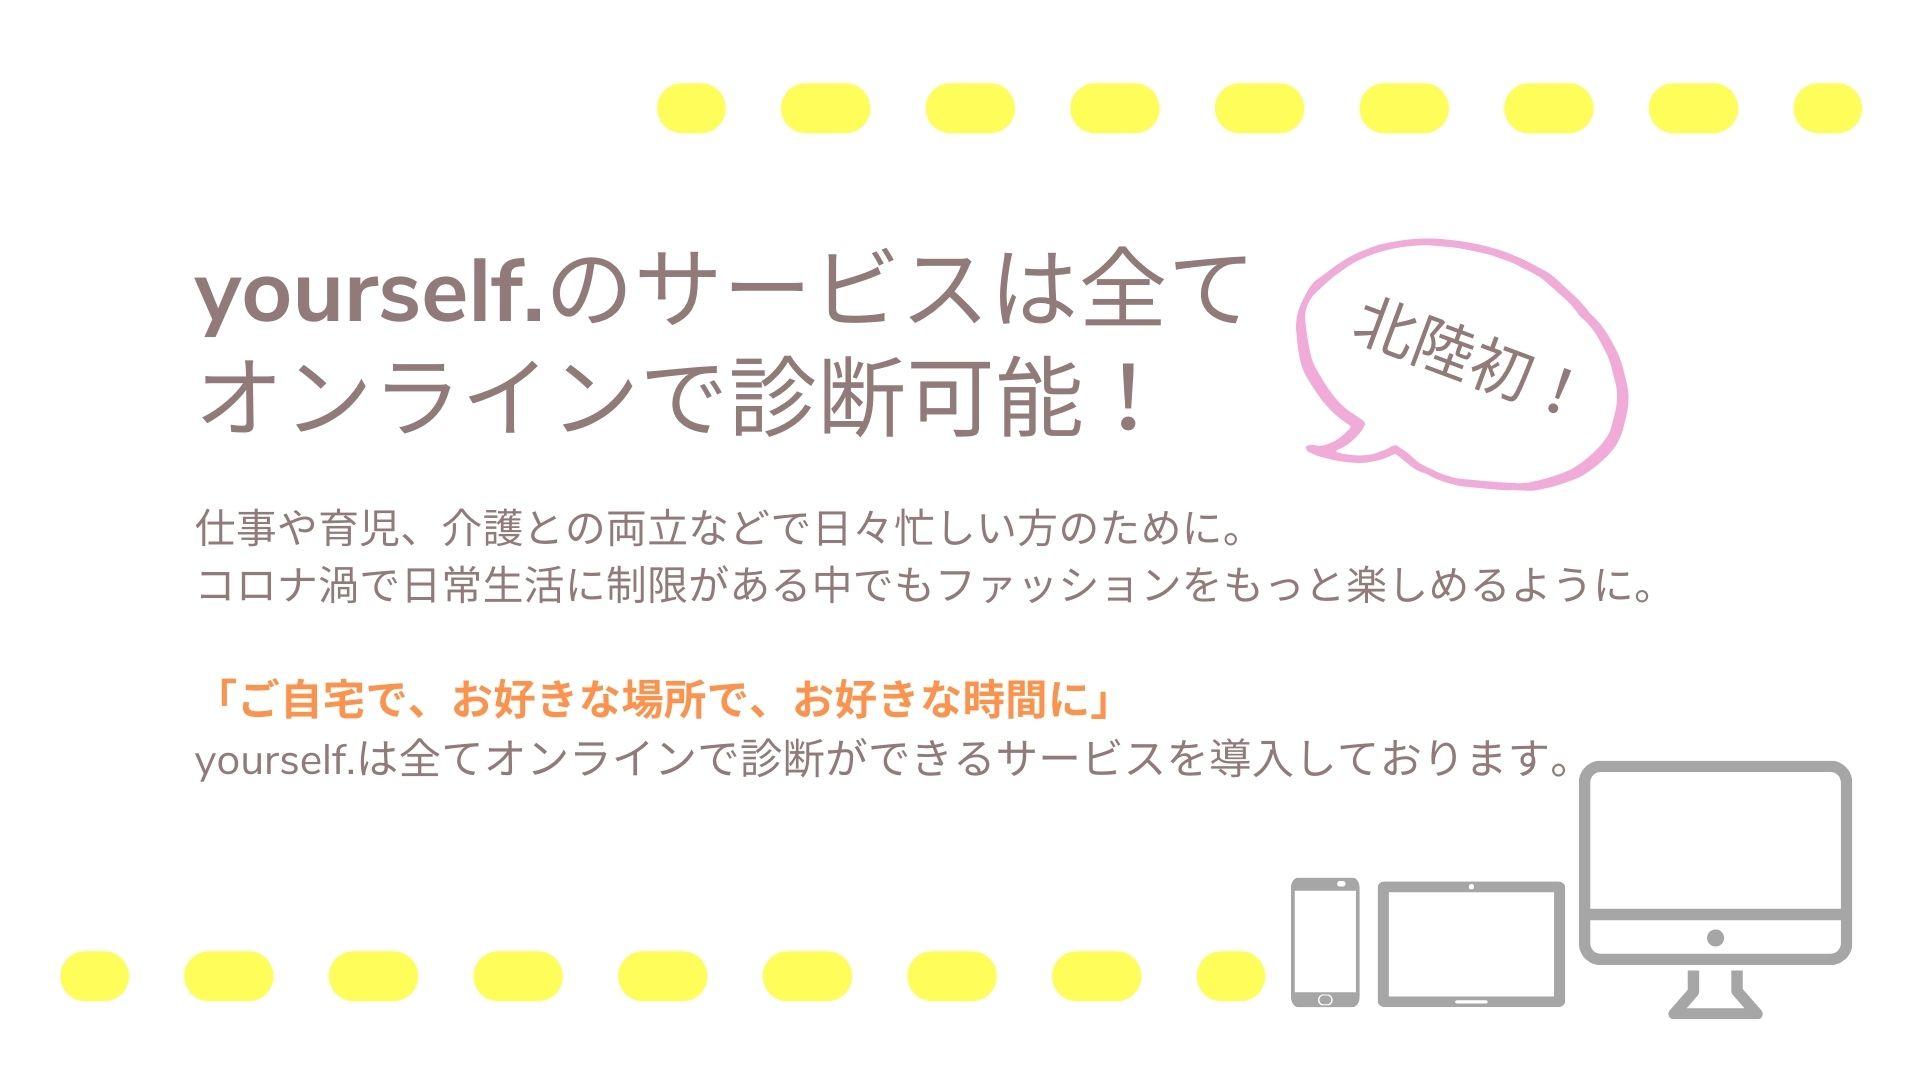 yourself./福井県のパーソナルスタイリングサービス